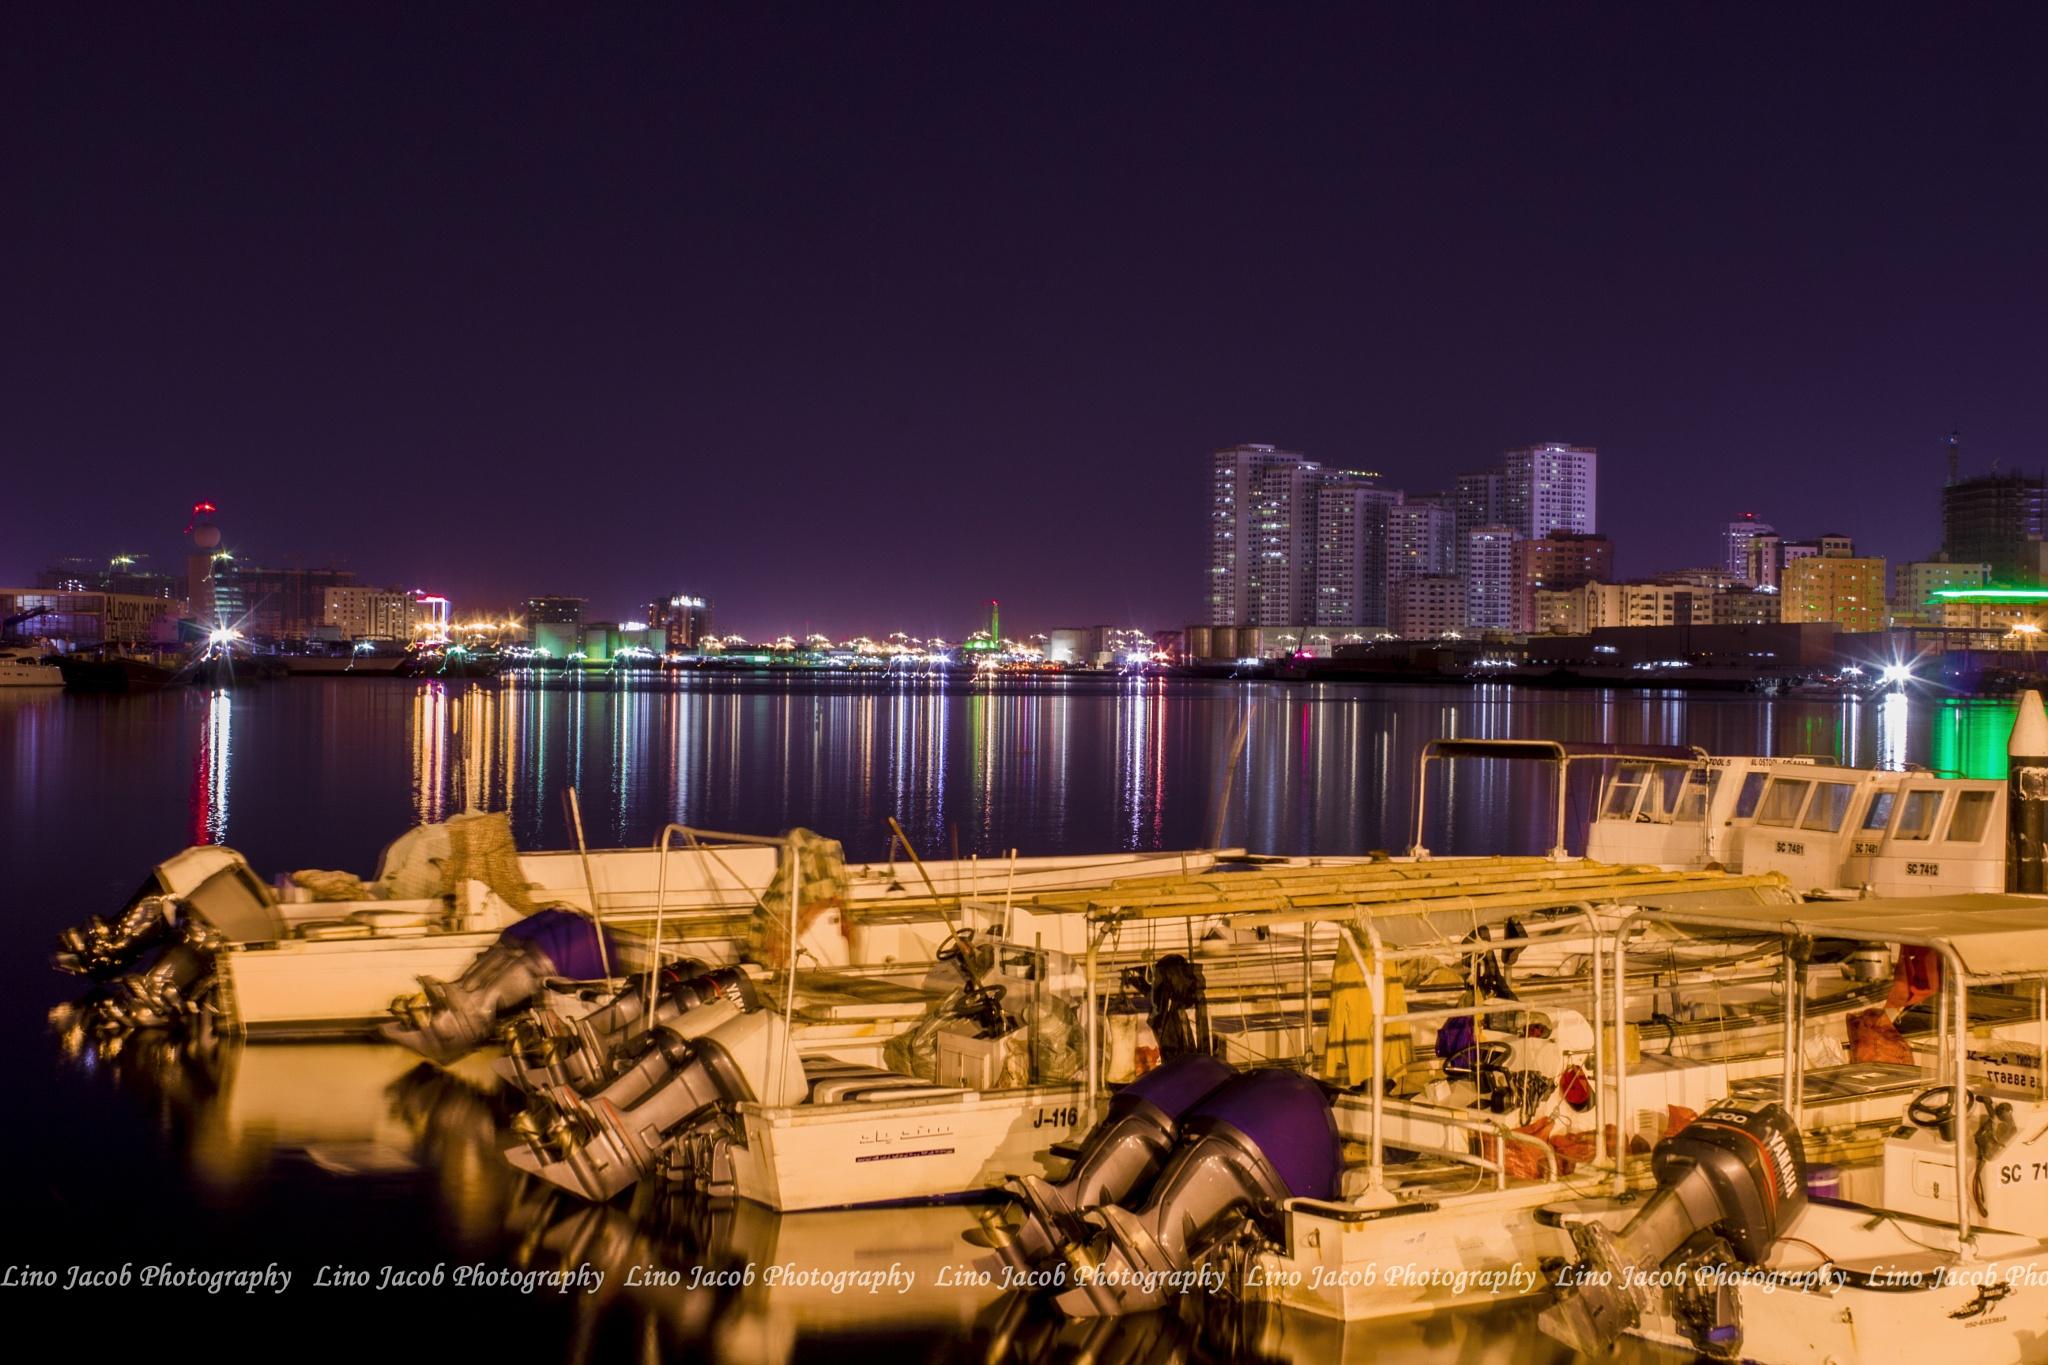 ajman fish market. by Lino jacob